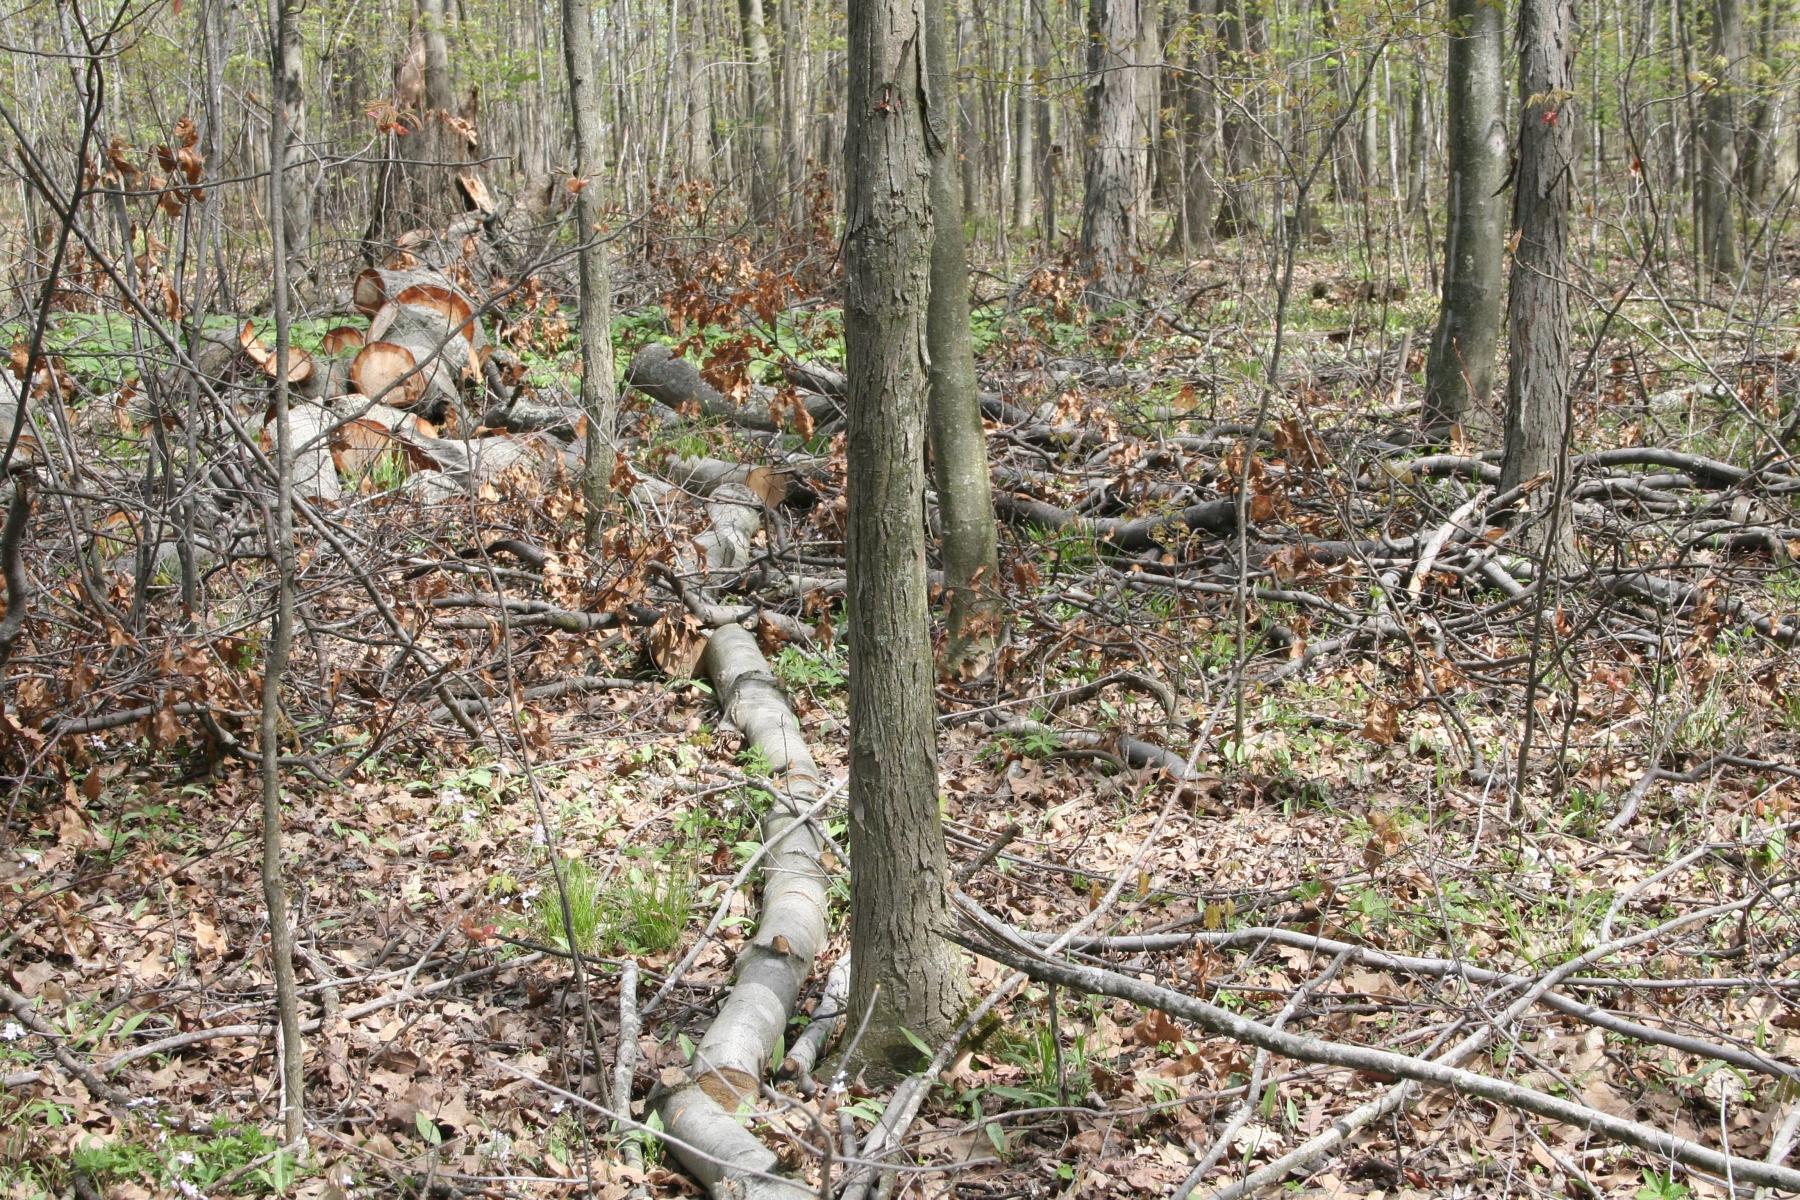 Fallen Pin Oak tallest in the woodland